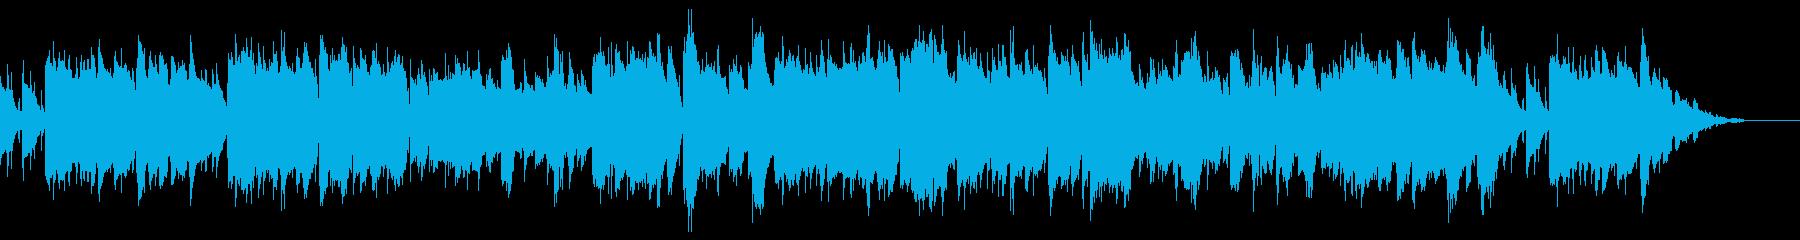 ファンタジーRPGの平和な村や町の音楽の再生済みの波形